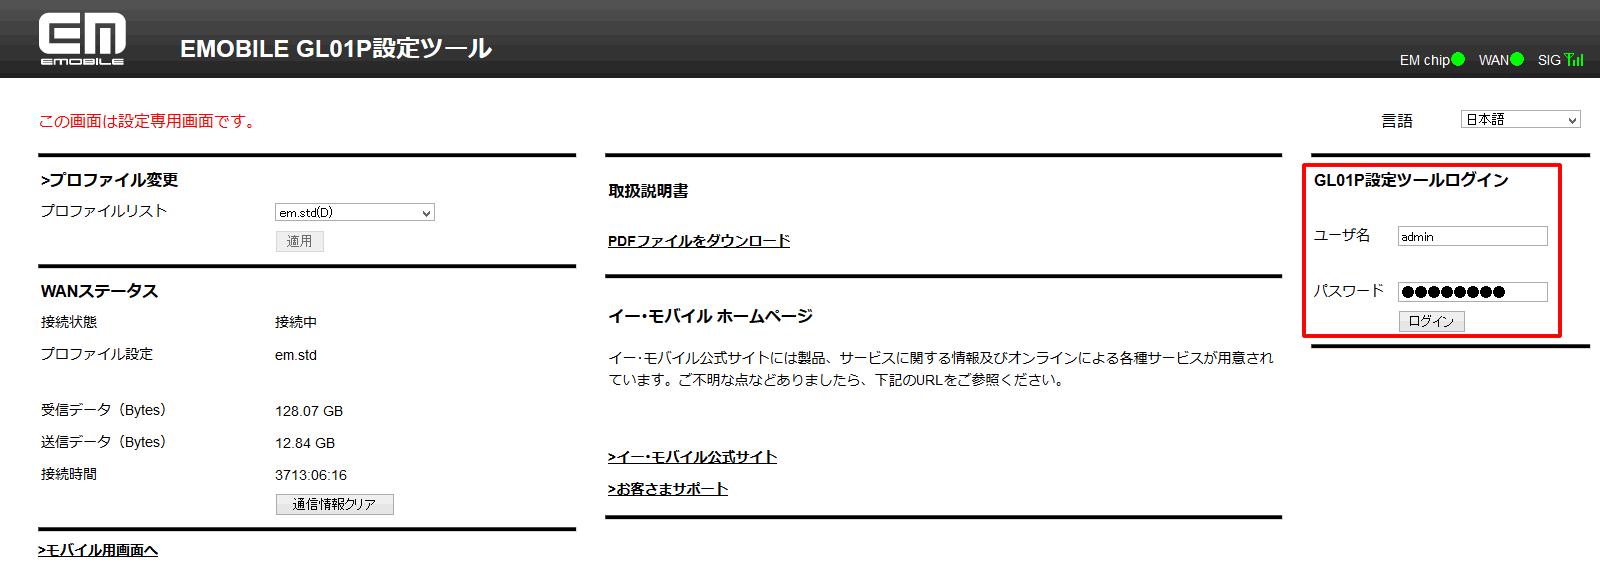 イーモバイル(EMOBILE)ポケットWifiの管理画面ログイン